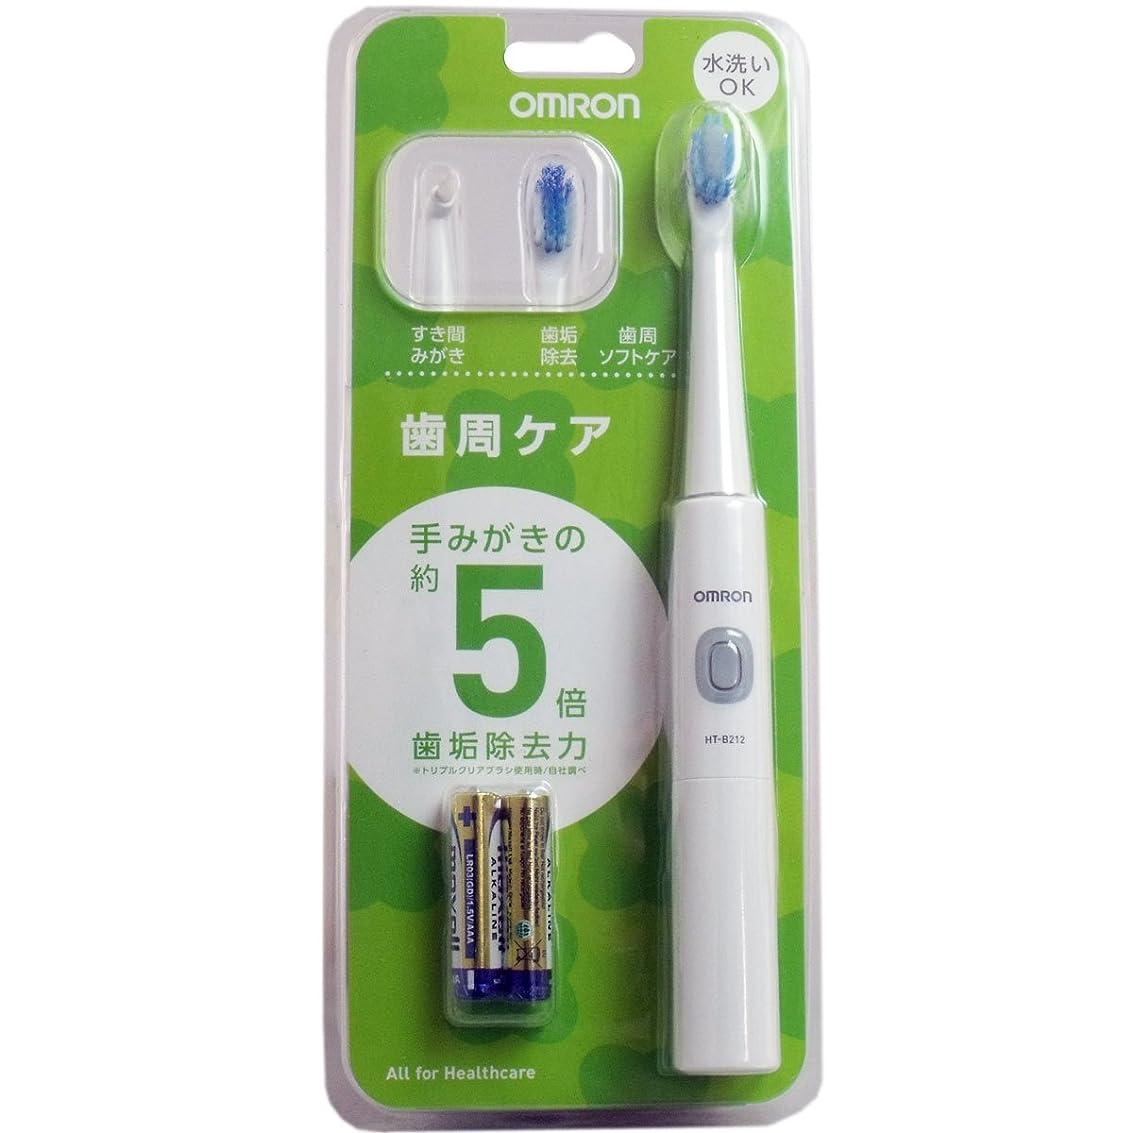 試みドット解読するオムロンヘルスケア 音波式電動歯ブラシ HT-B212